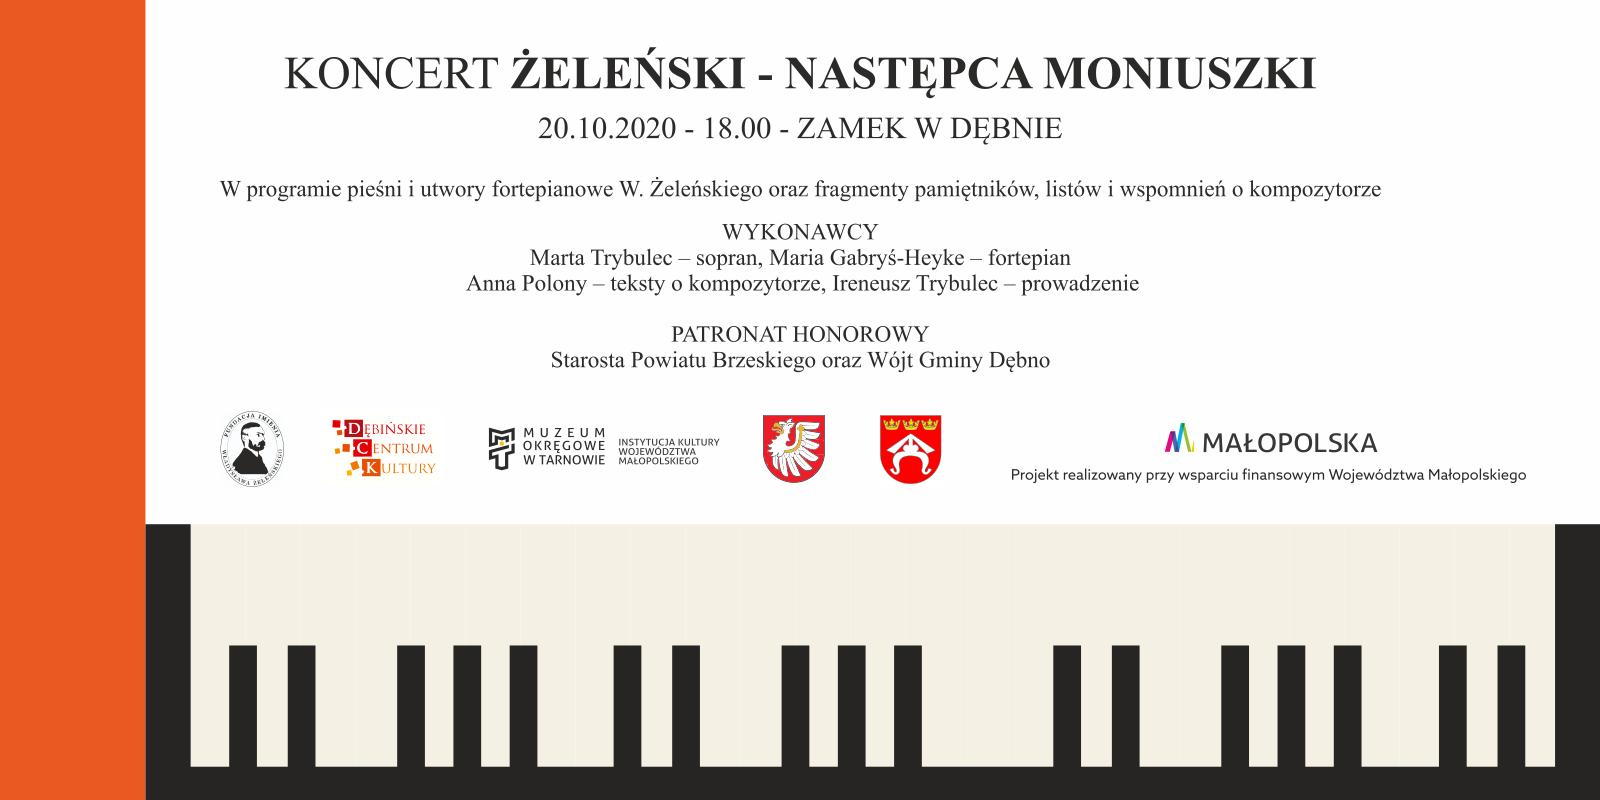 """baner promujący koncert """"Żeleński - następca Moniuszki"""""""